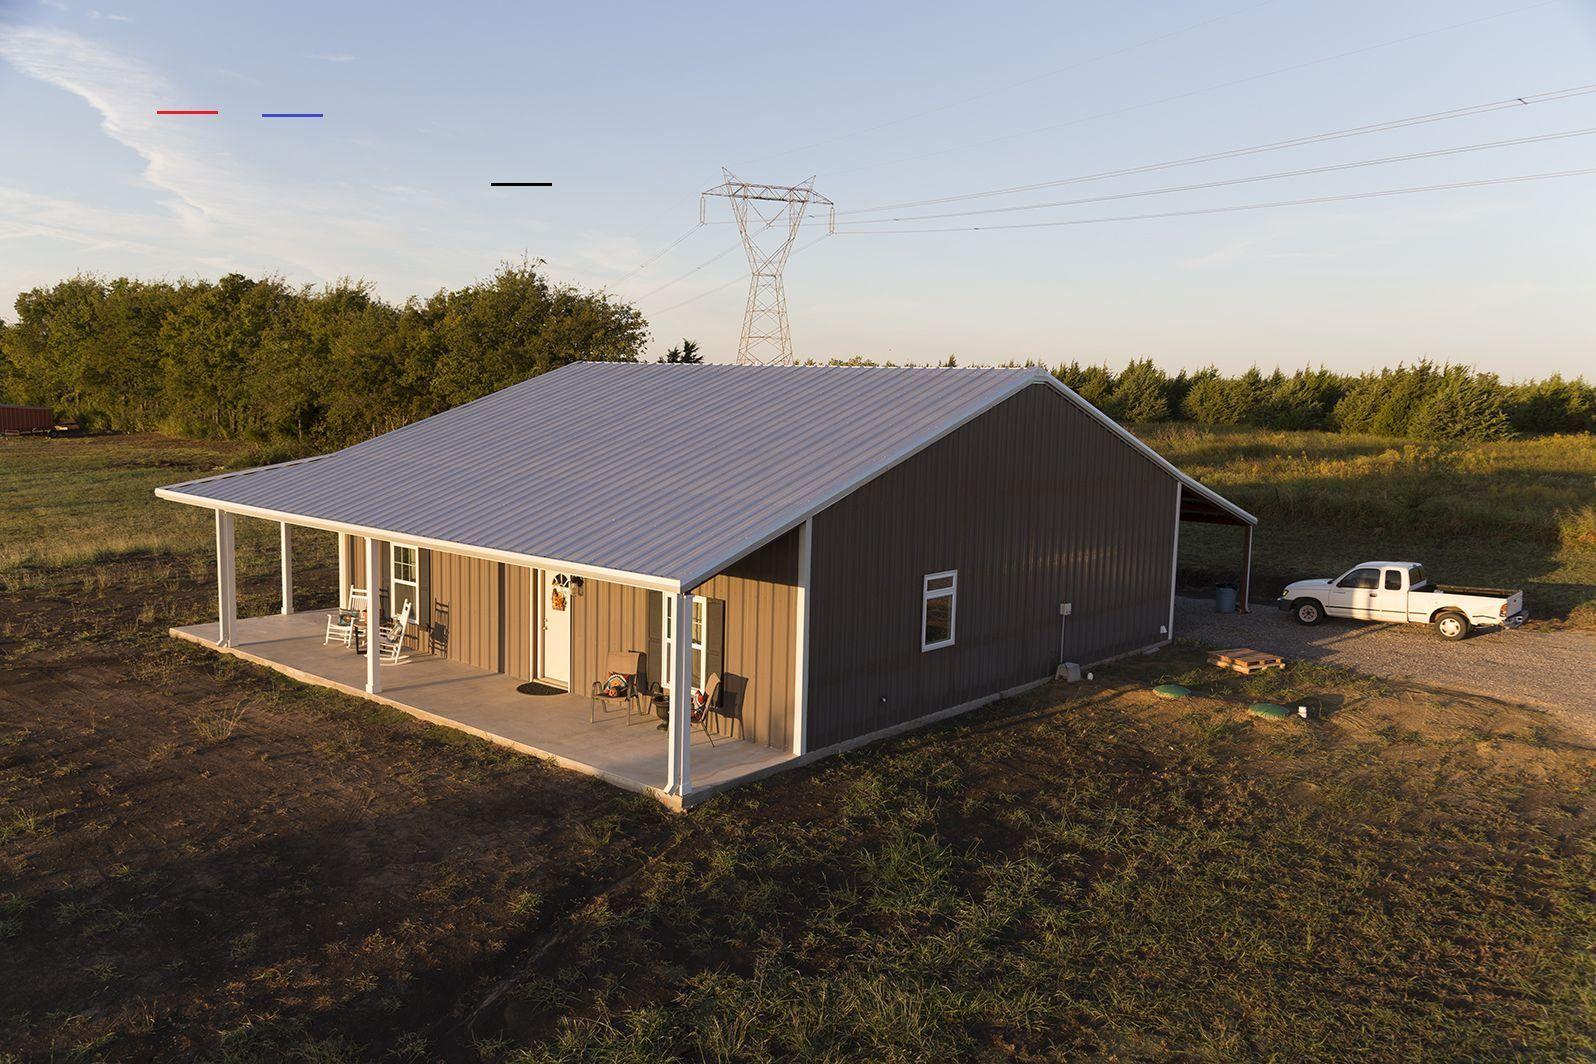 metalbuildinghomes in 2020 Metal building house plans